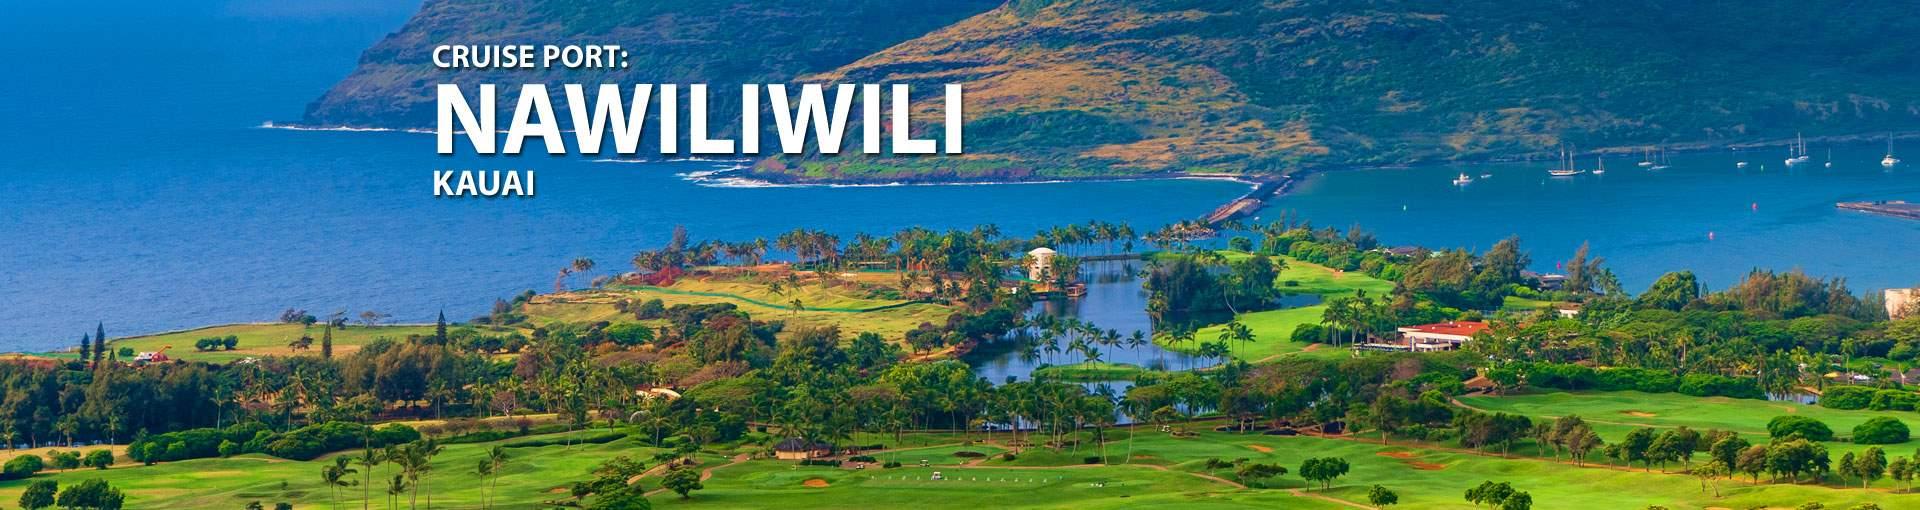 Cruises to Nawiliwili, Kauai